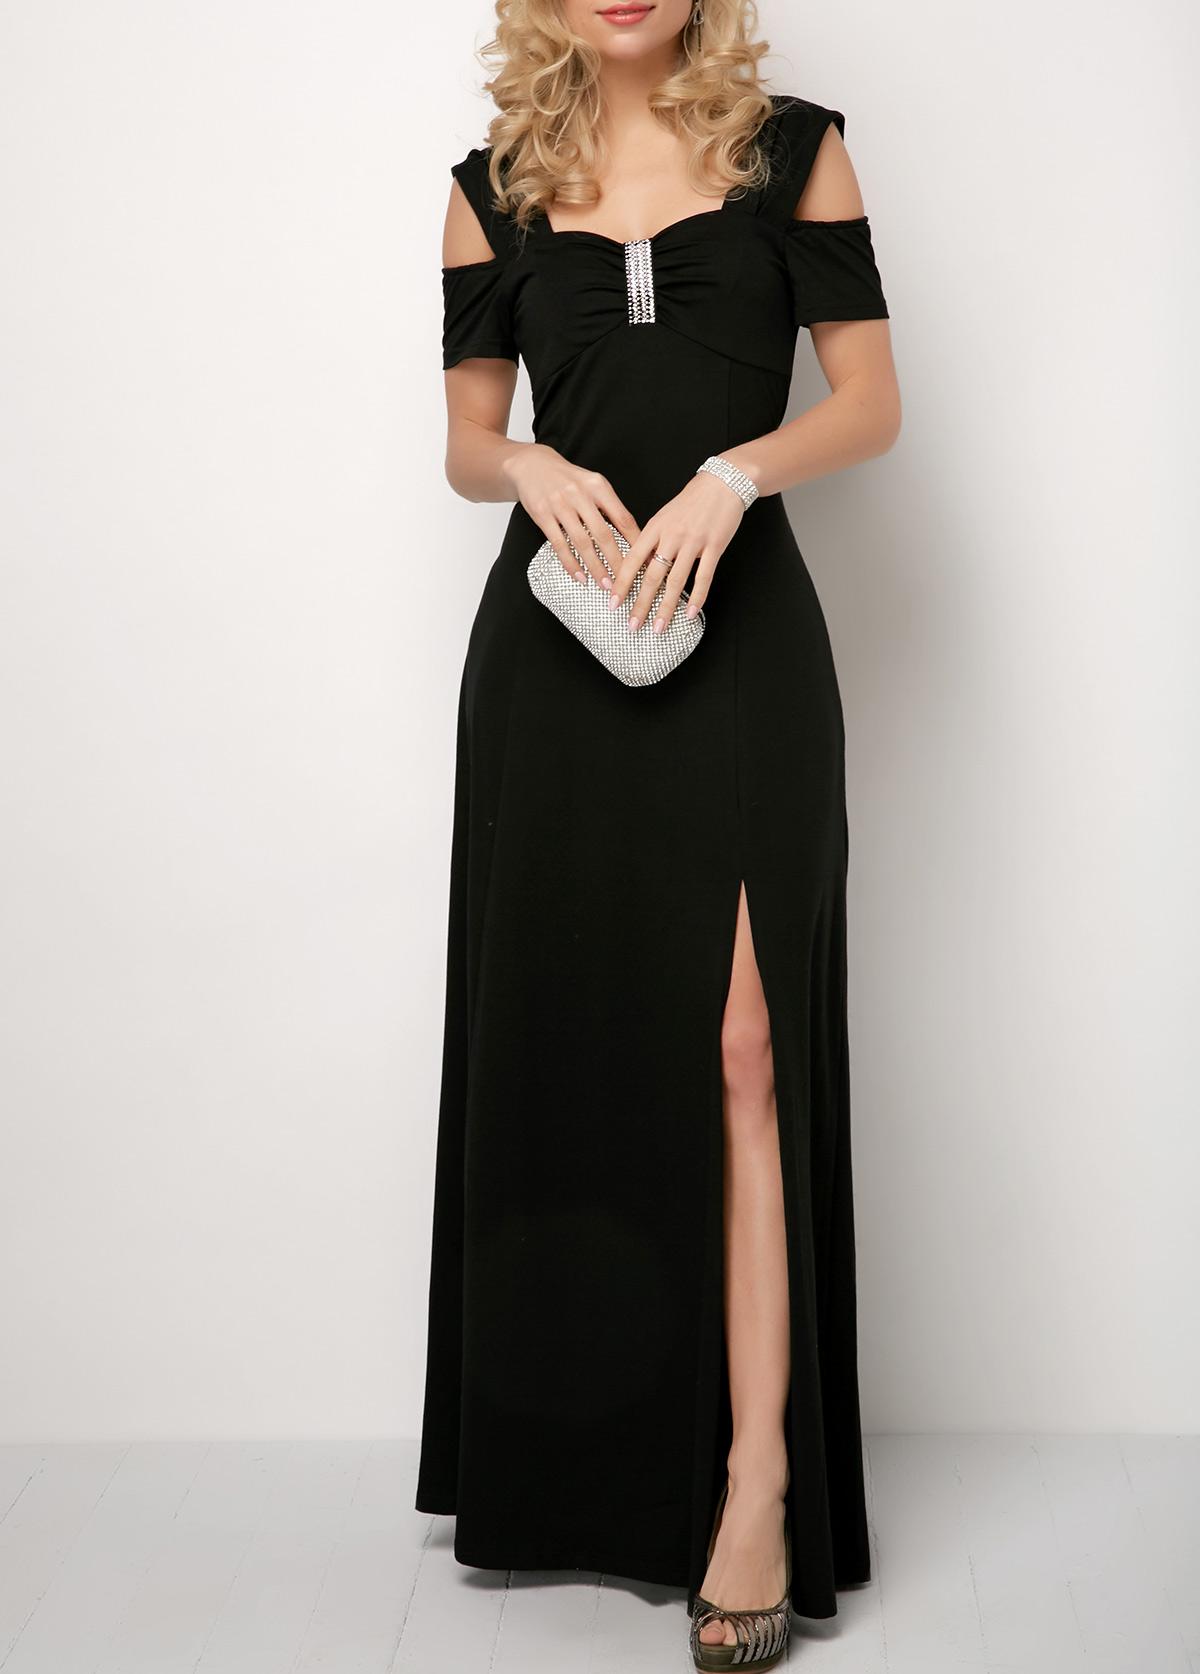 Cold Shoulder Side Slit Rhinestone Dress